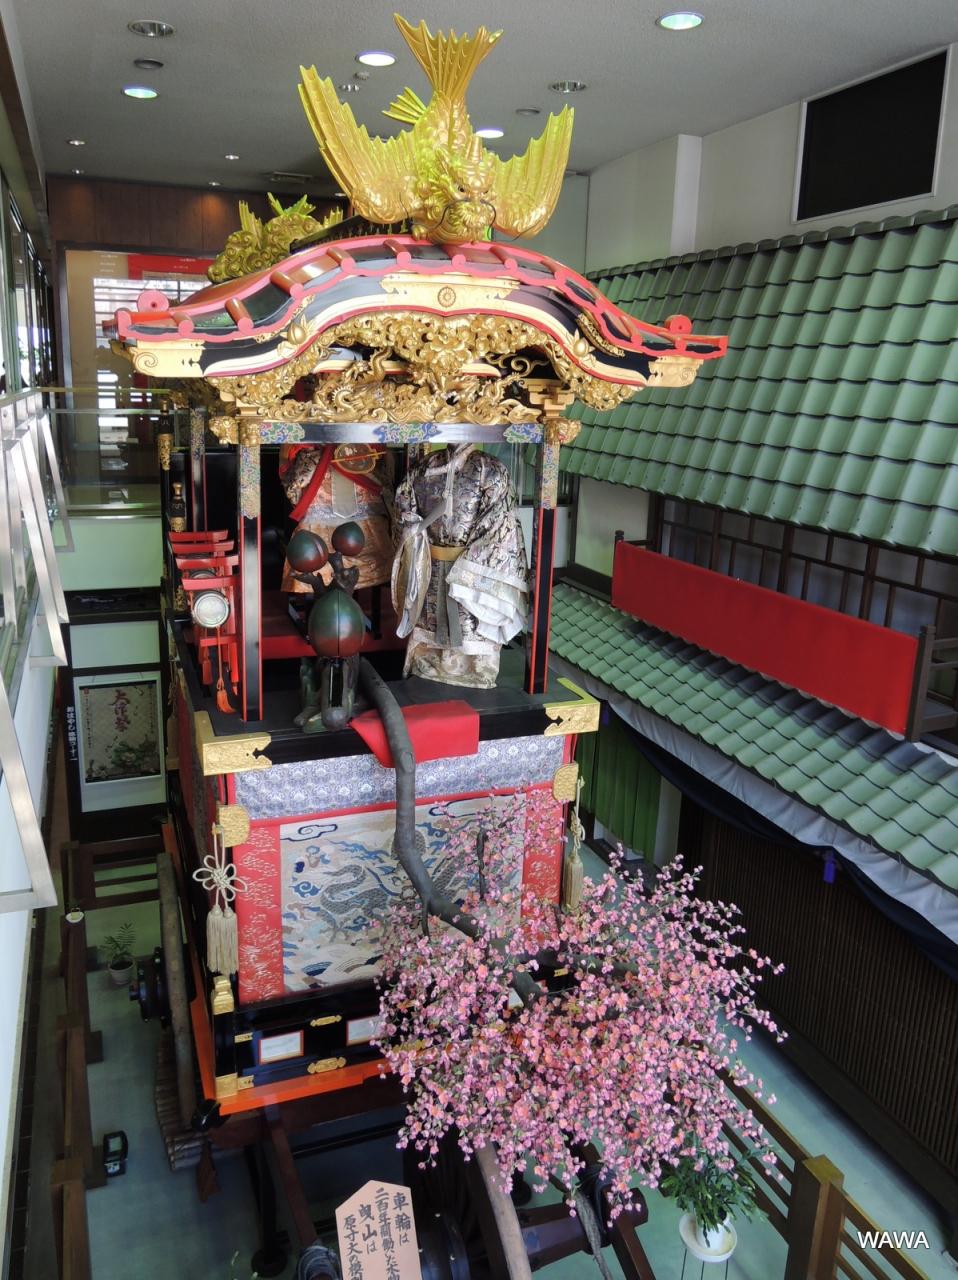 山車に飾られたカラクリ展示が素晴らしい展示館でした